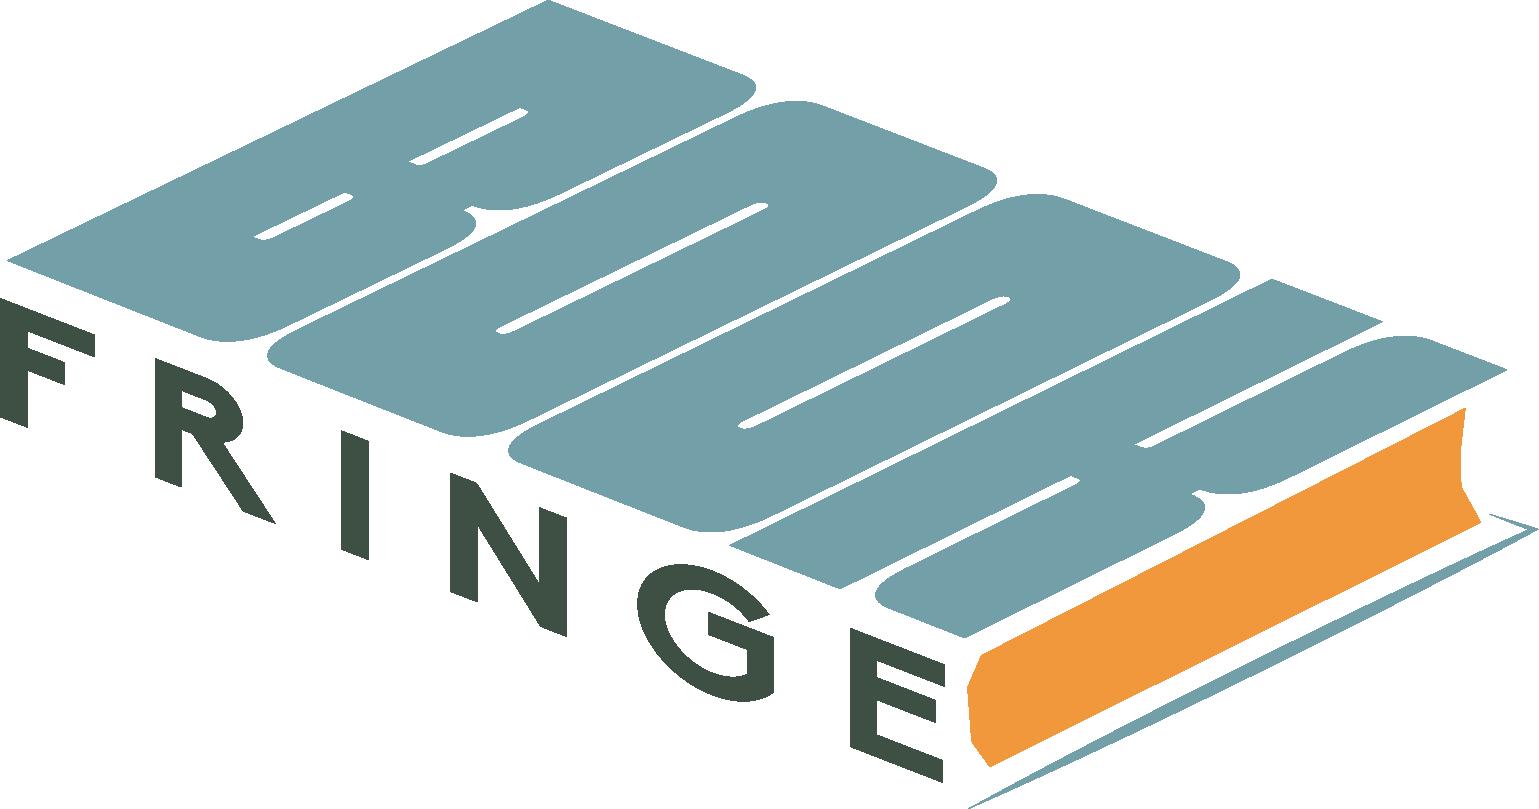 book fringe logo (1).png